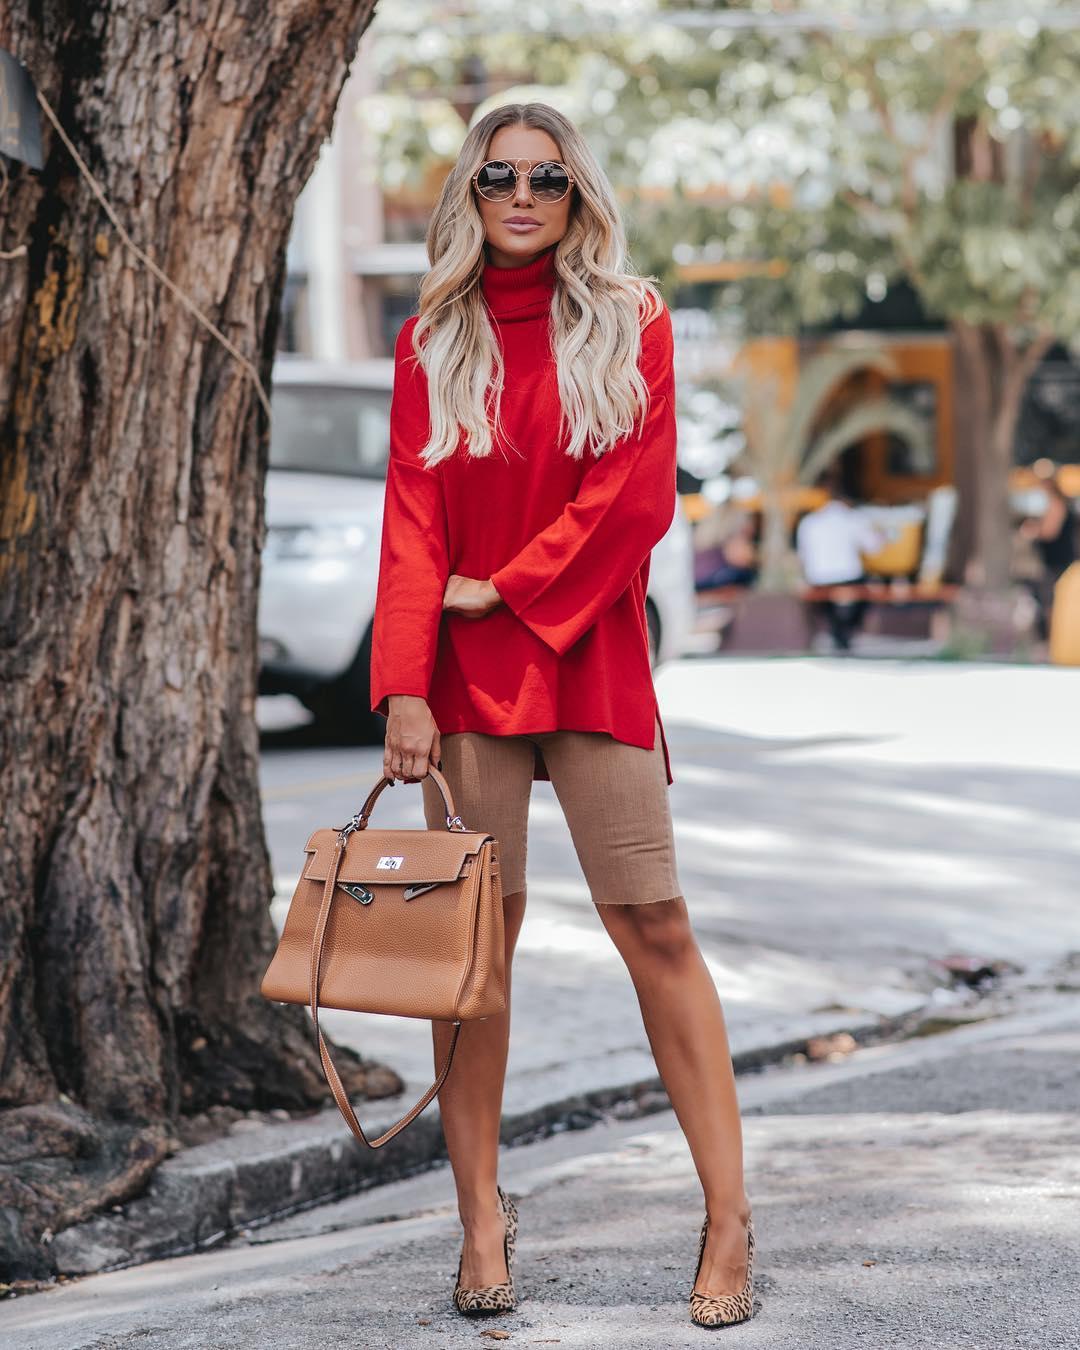 модные осенние образы в красном цвете фото 1